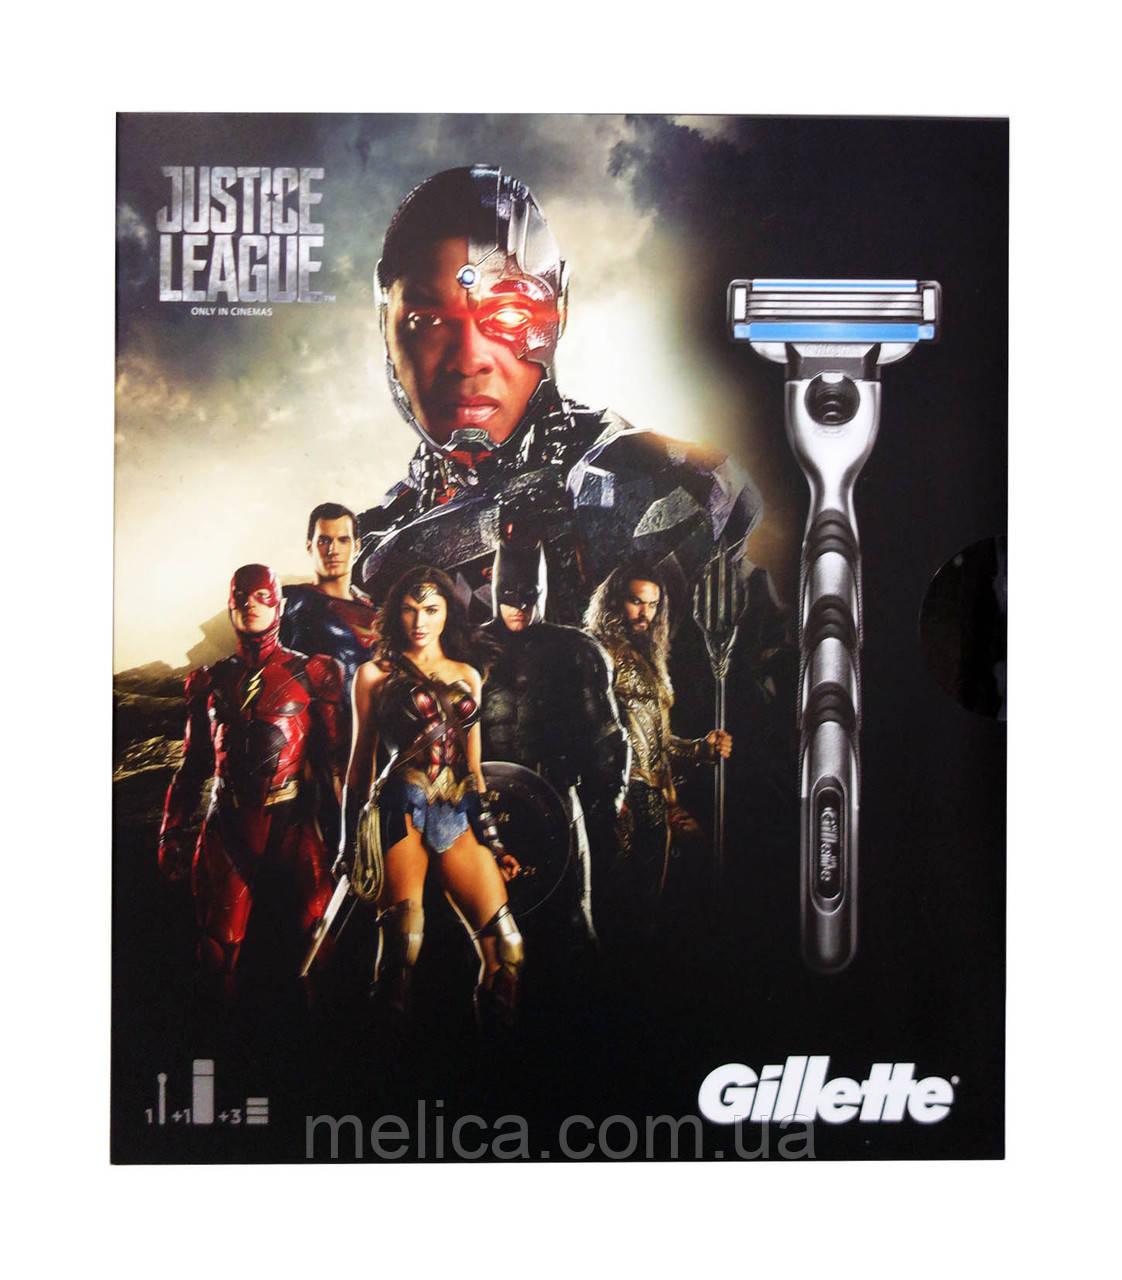 Набор Gillette Mach3 Justice League (станок+сменные кассеты 3 шт.+гель для бритья) - АВС Маркет в Мелитополе